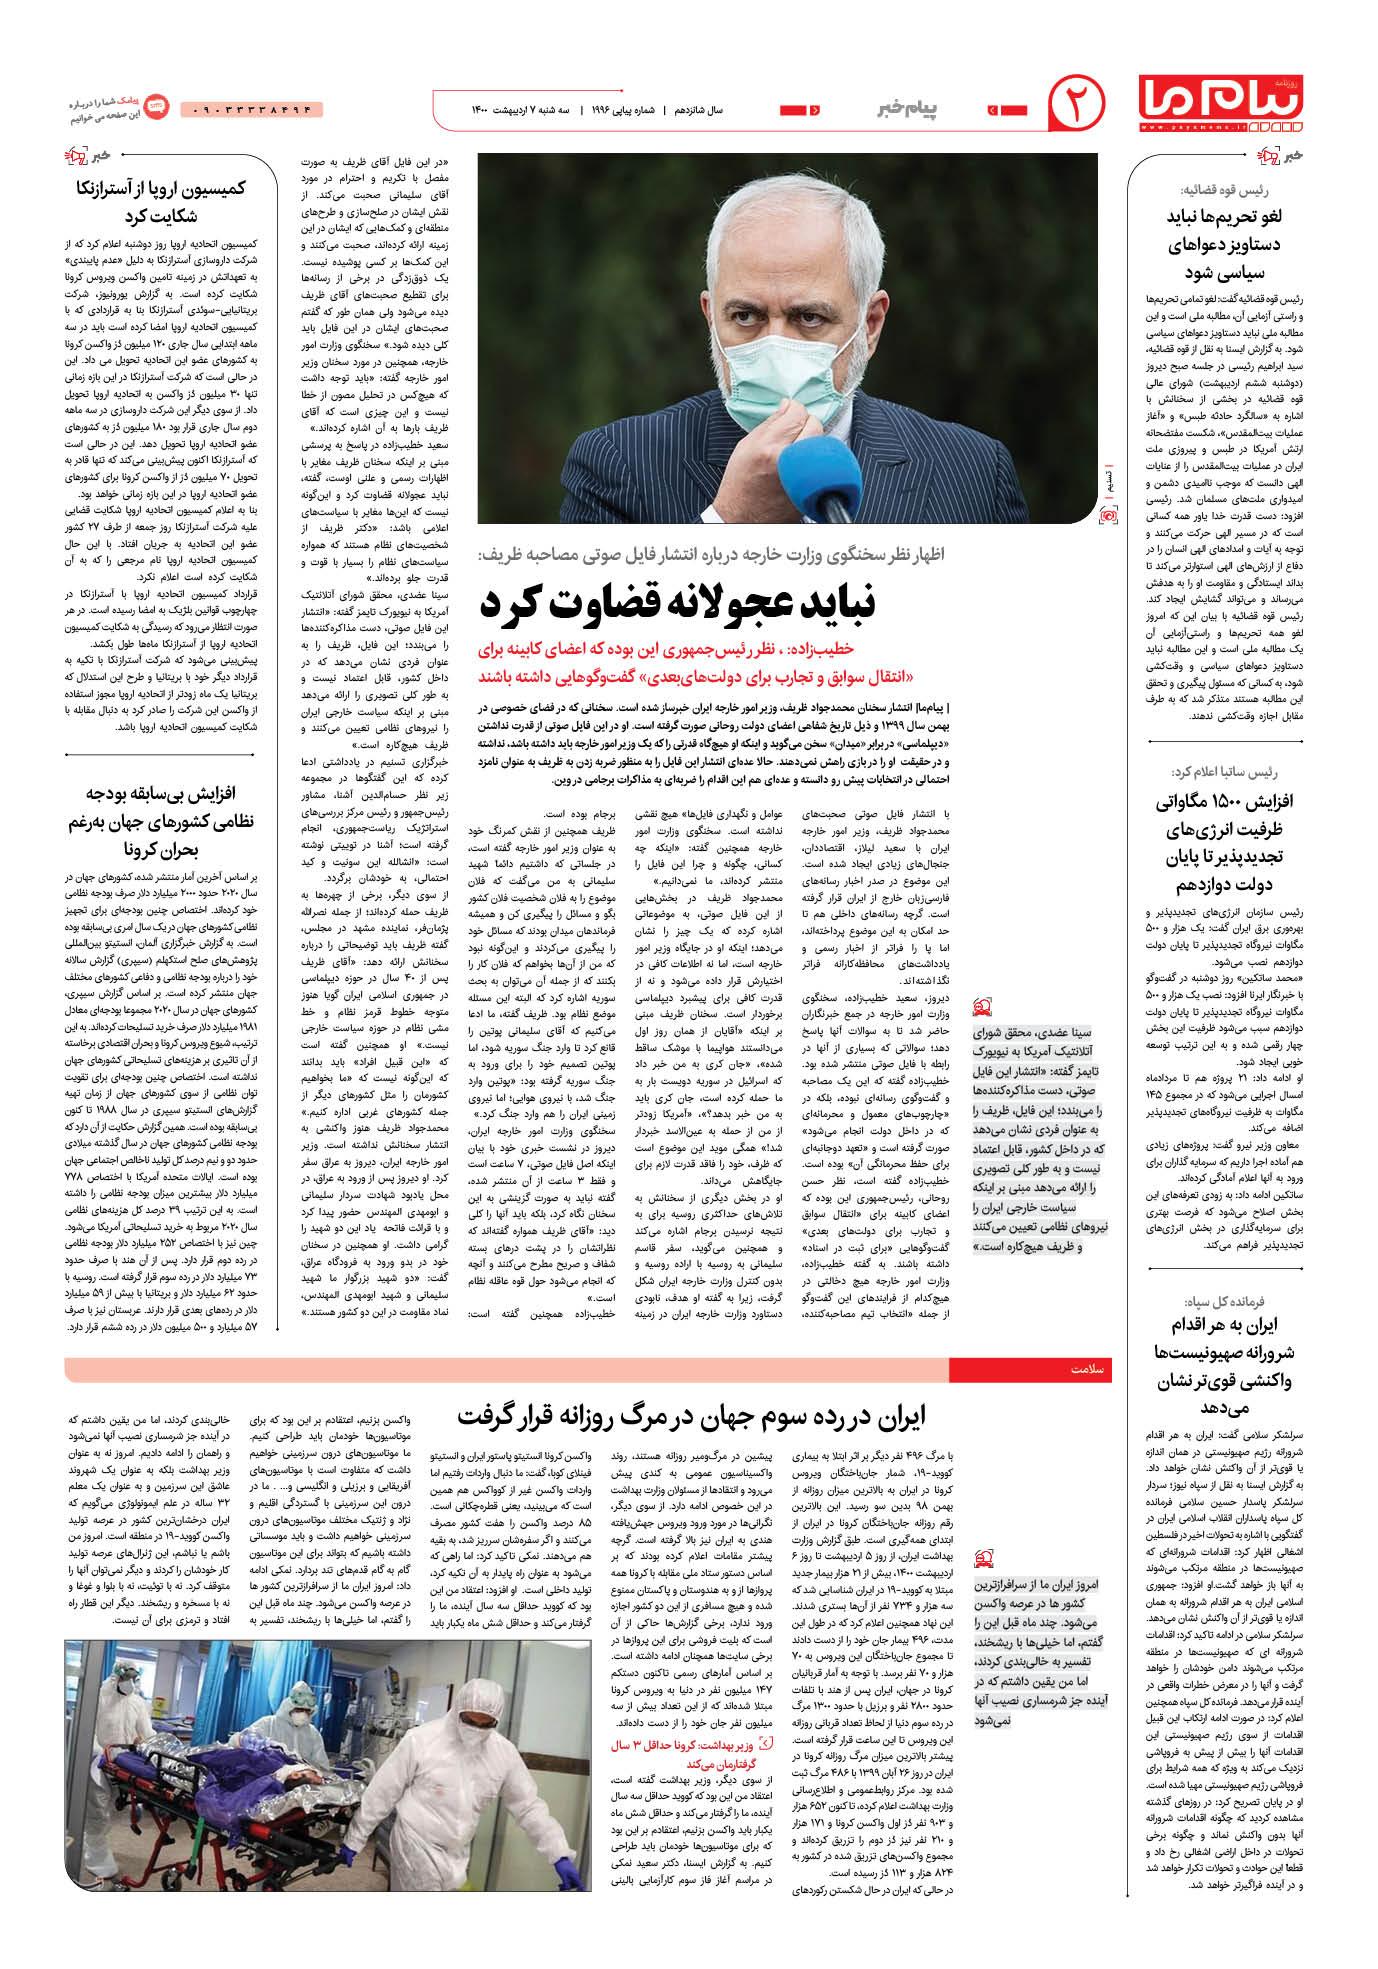 صفحه پیام خبر شماره ۱۹۹۶ روزنامه پیام ما